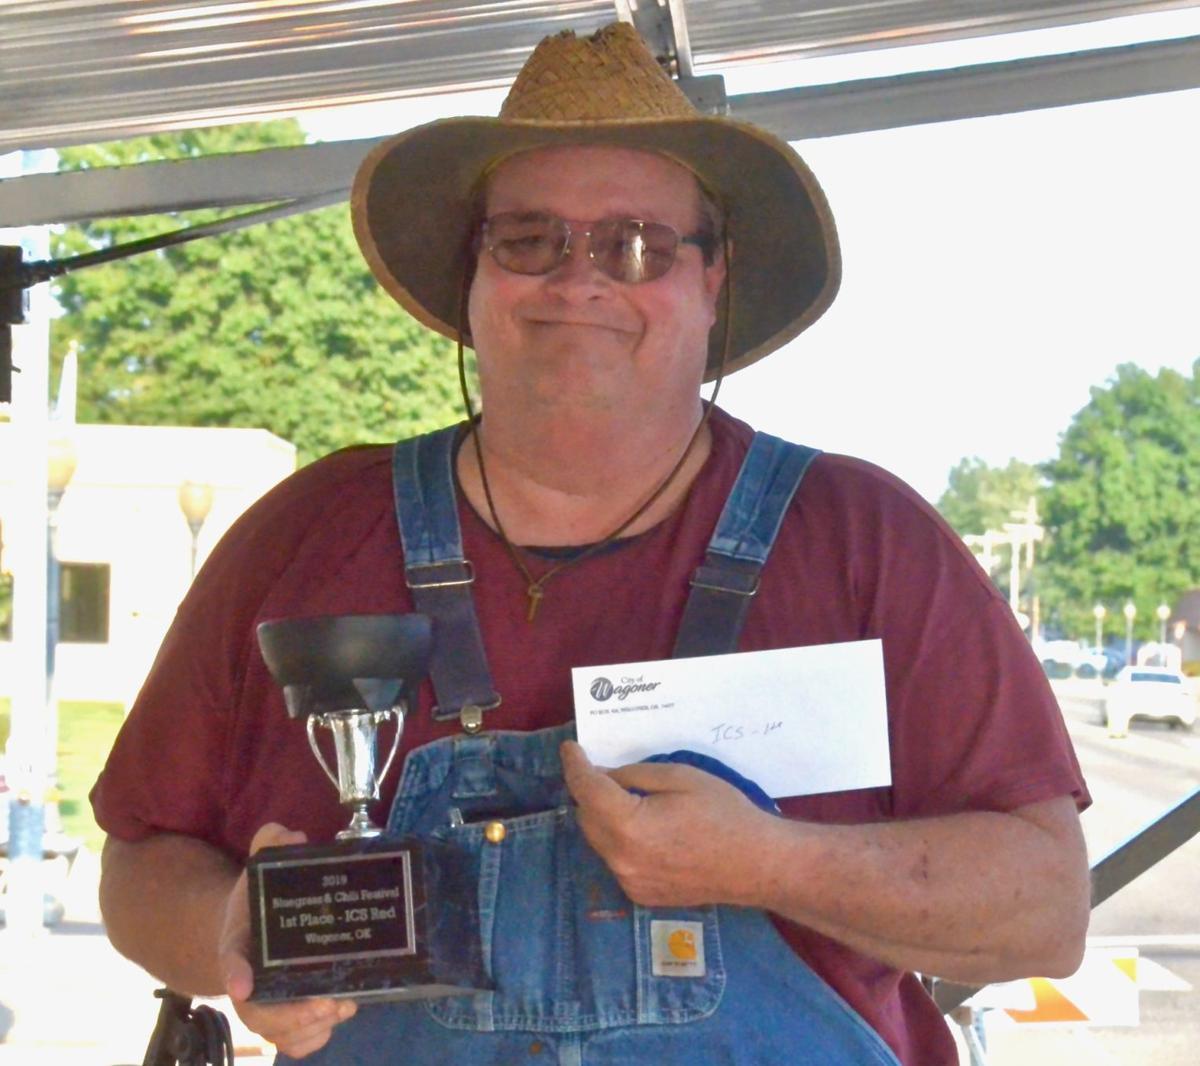 Marty Williams wins chili prize